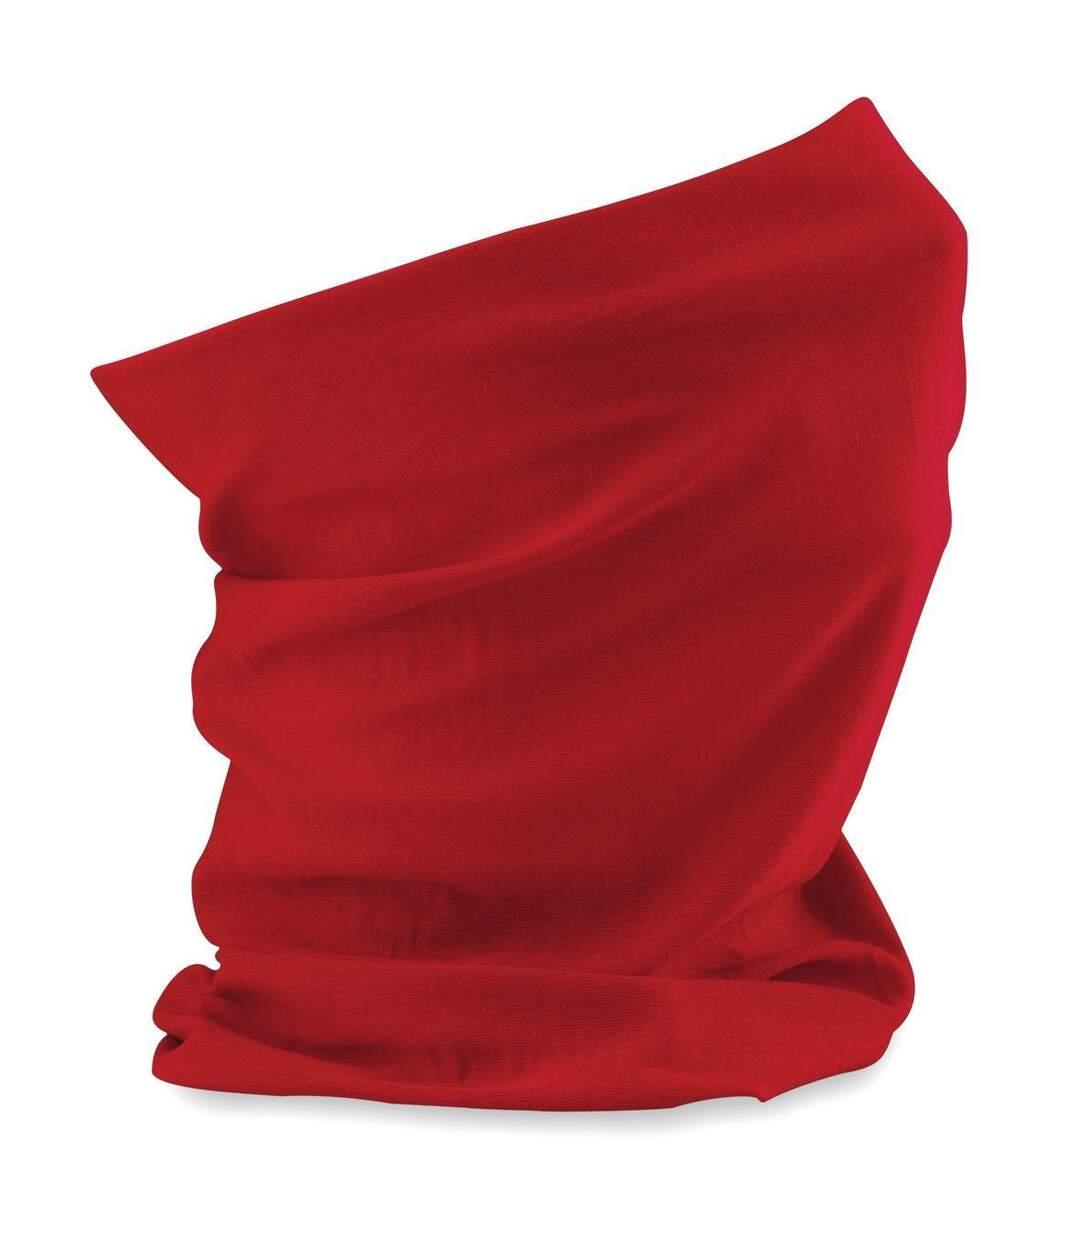 Echarpe tubulaire - tour de cou adulte - B900 - rouge